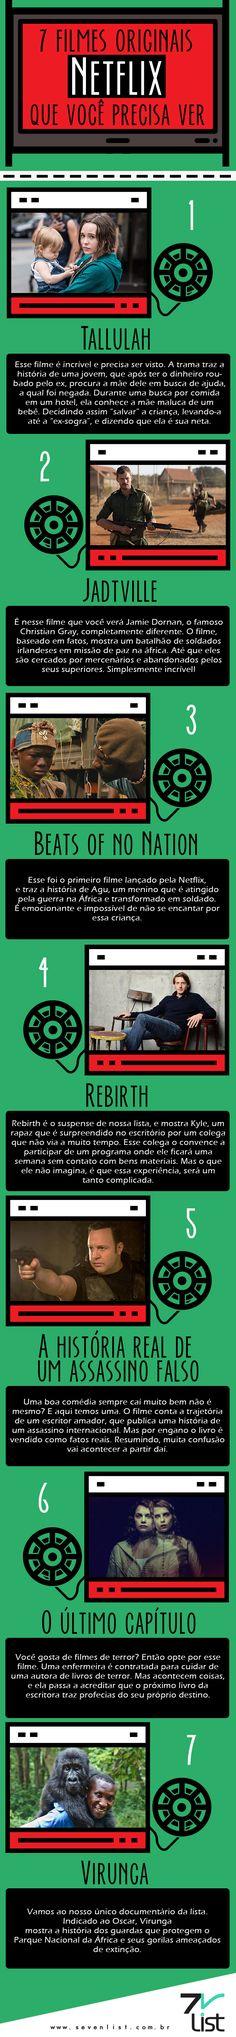 Que a gente ama as séries originais Netflix já é fato, mas e os filmes? Tem alguns tão bons que também precisam ser vistos. Hoje o Seven List trouxe 7 filmes originais Netflix que você precisa ver. #SevenList #Infográfico #Design #Movie #Film #Cine #Cinema #Netflix